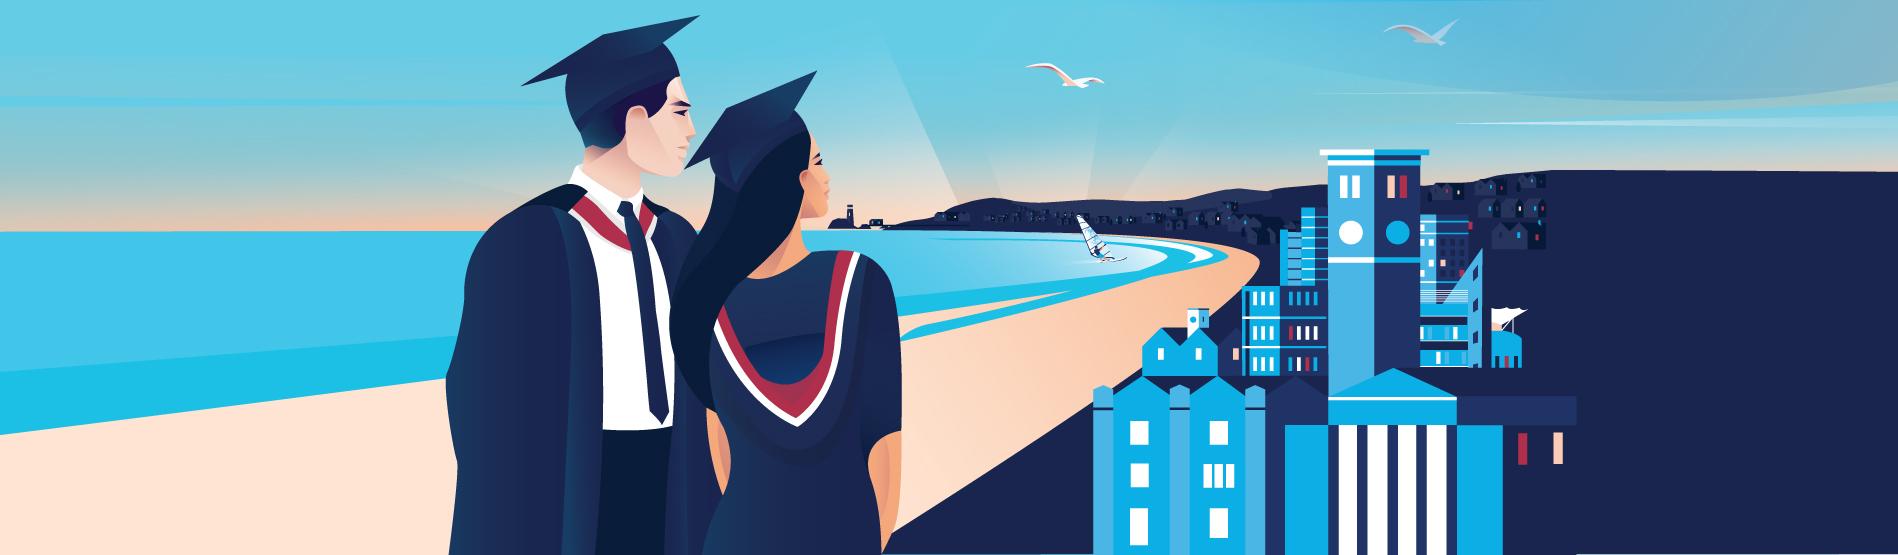 دانشگاه کارافرین